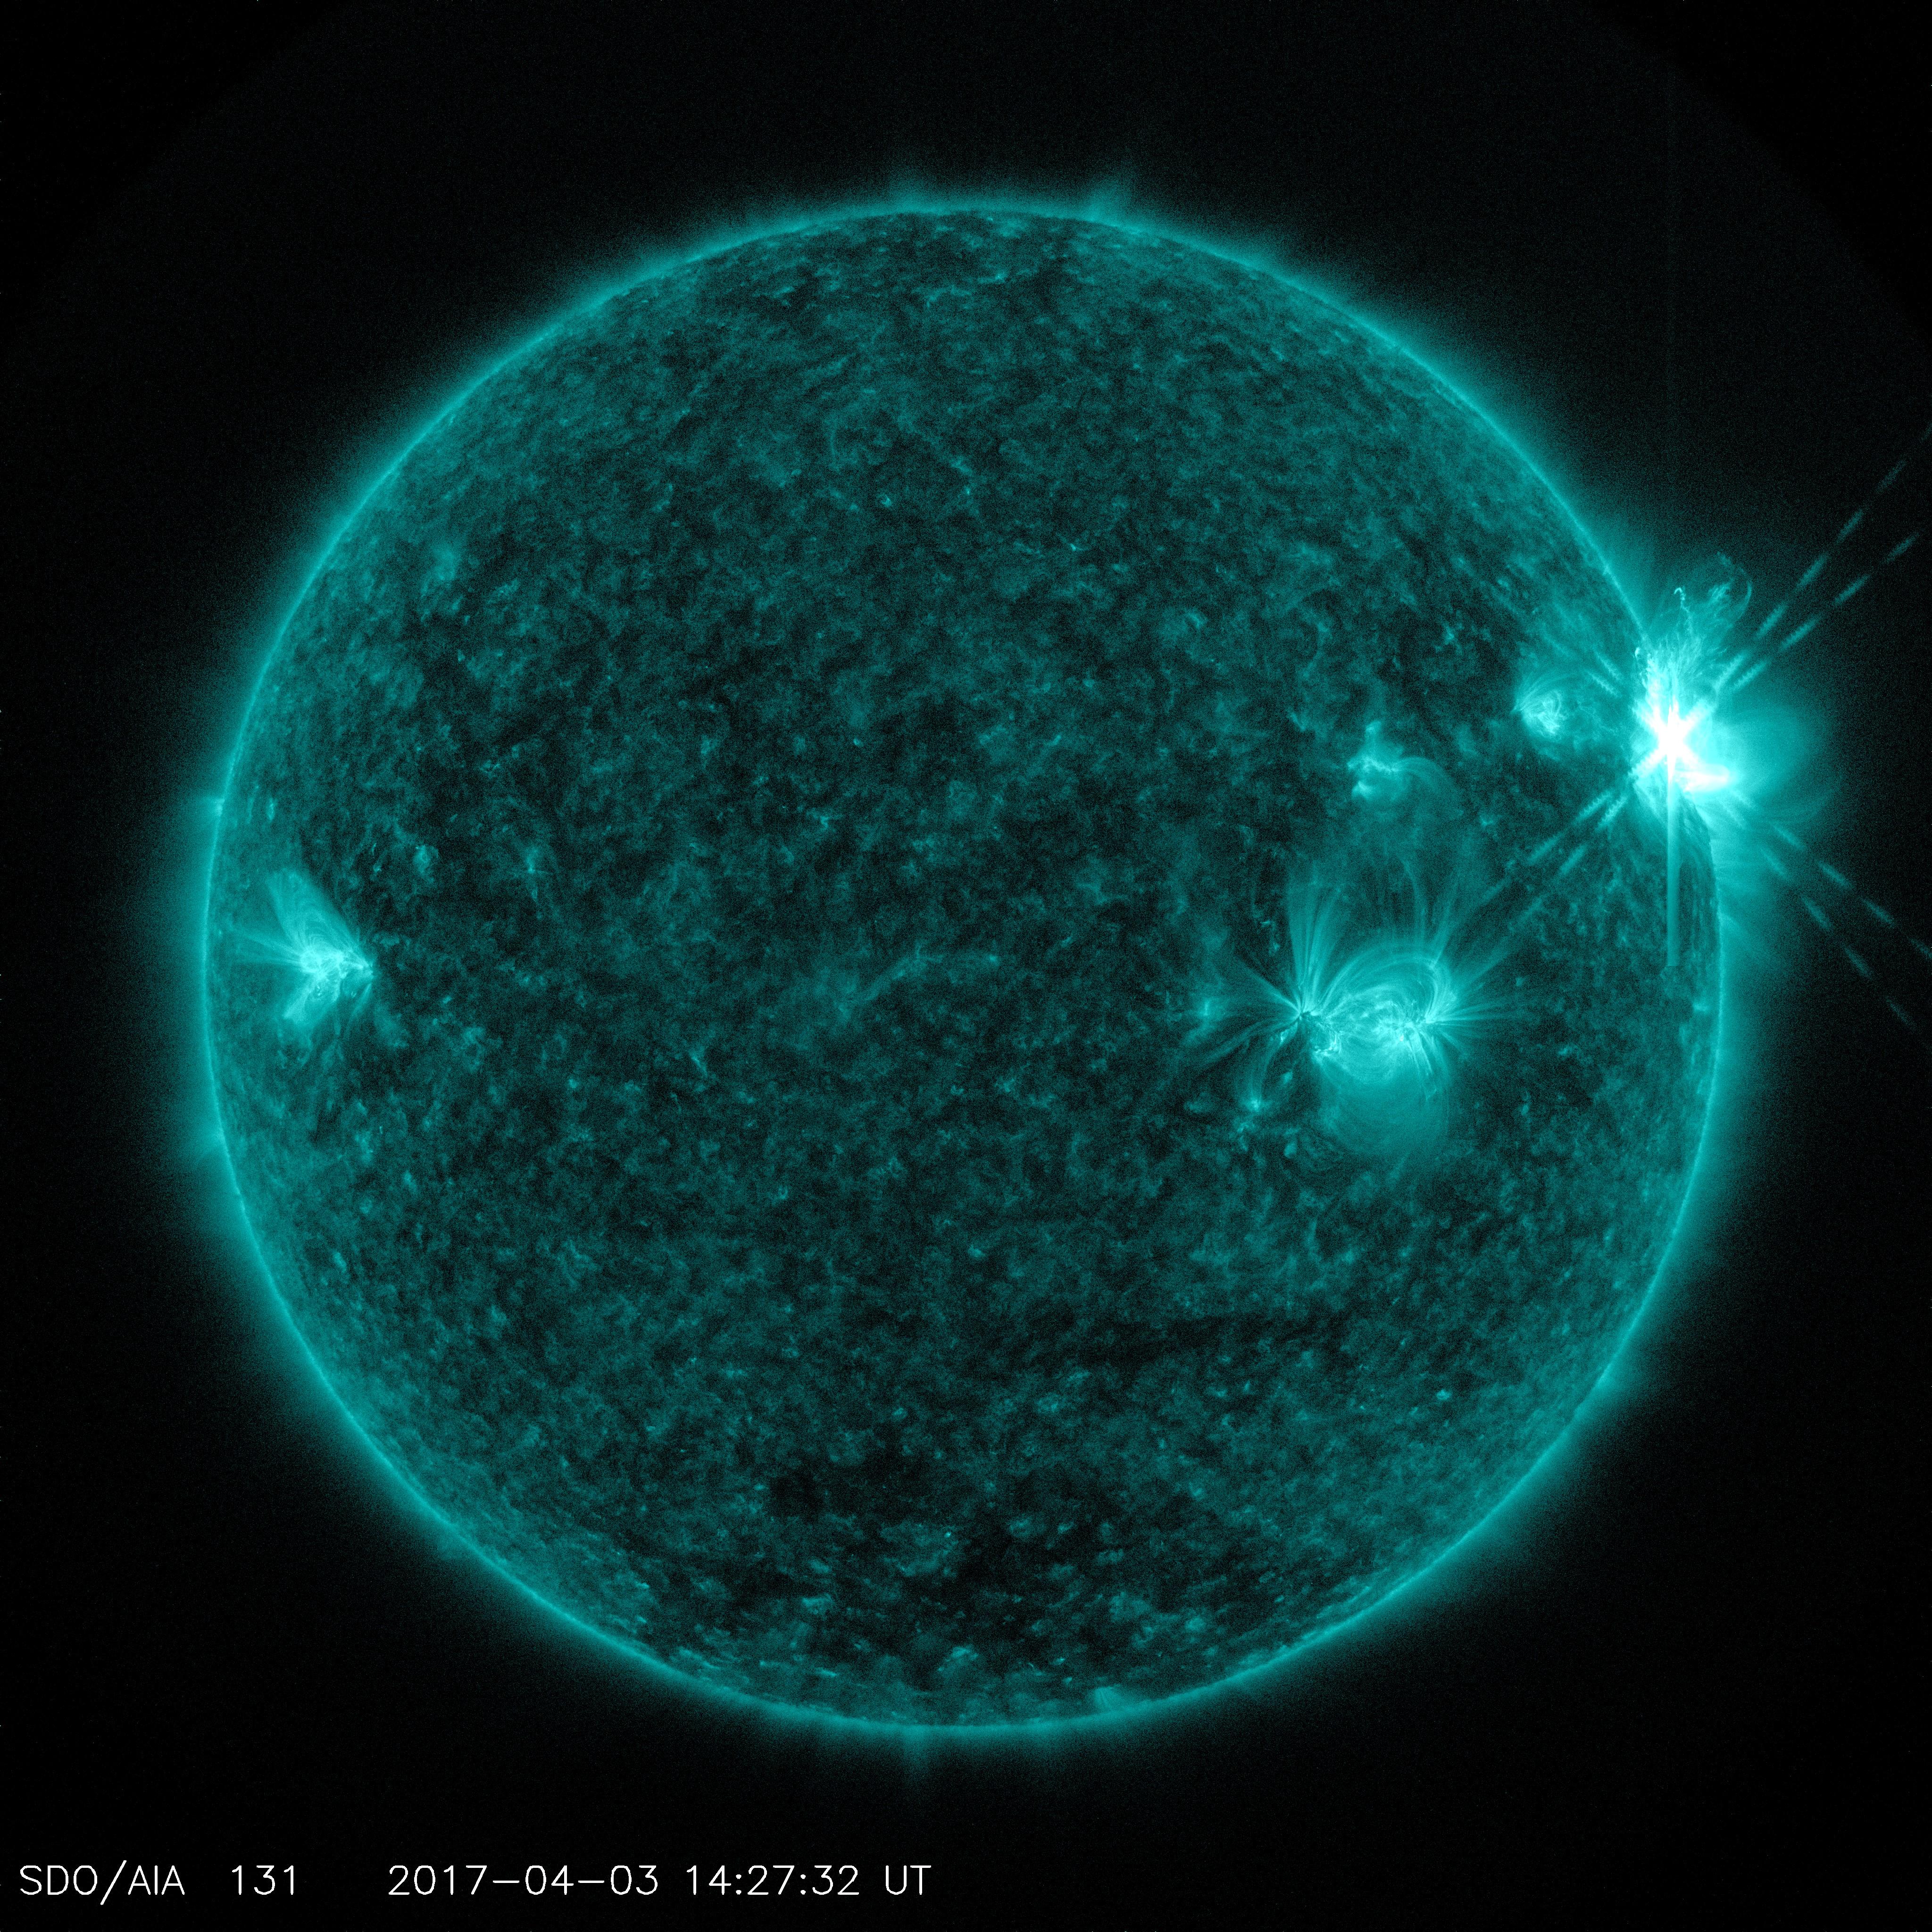 nasa solar flares 2017 earth - photo #5